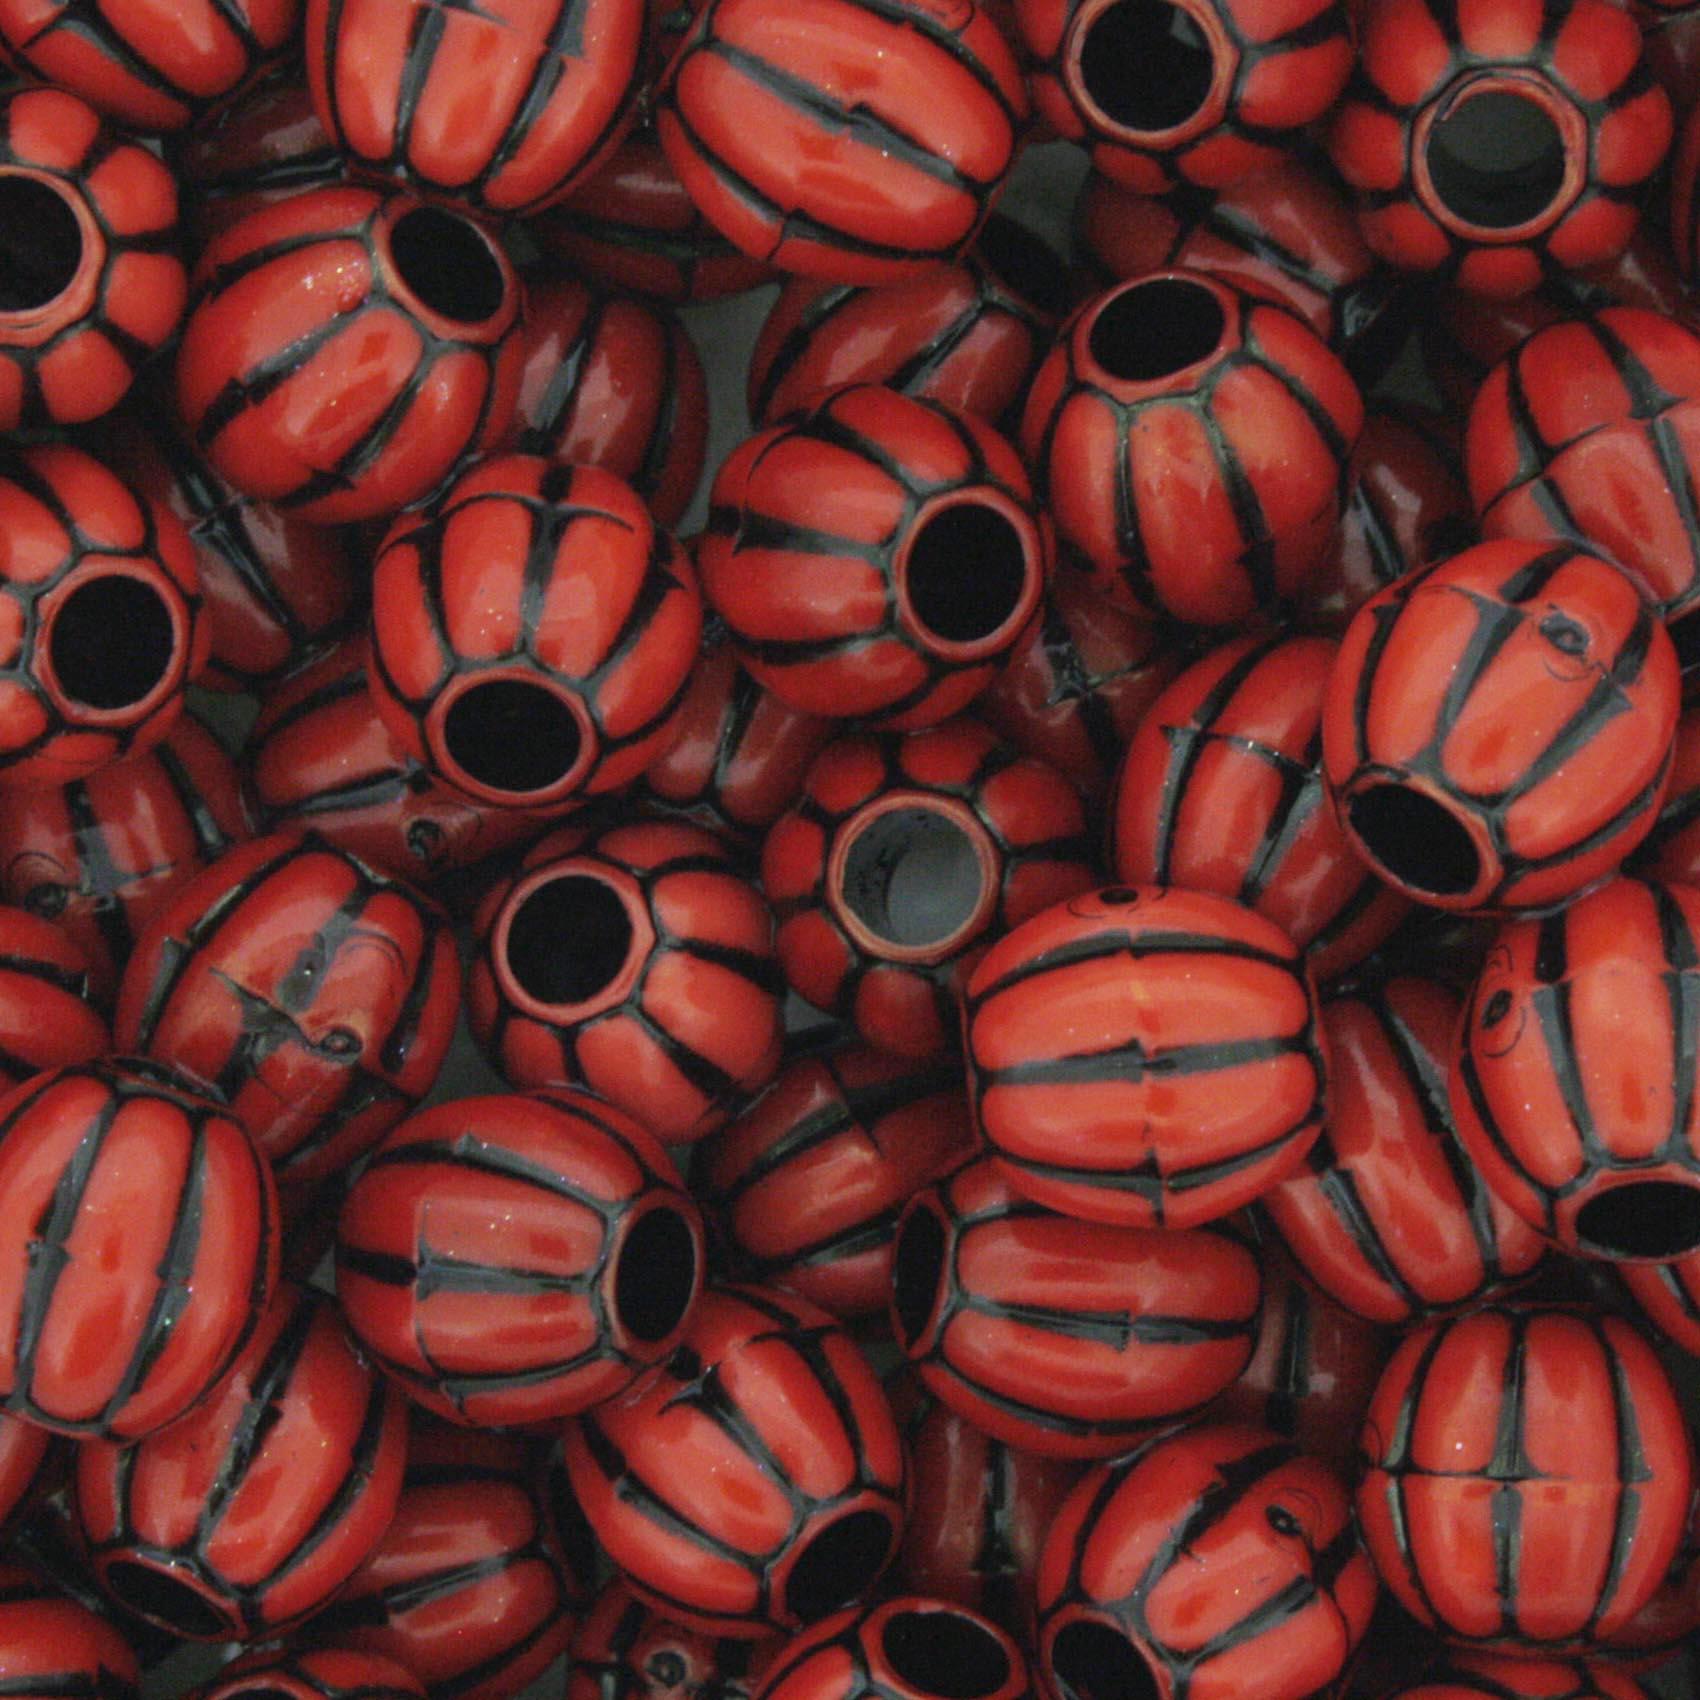 Miçanga Pesca - Carambola Vermelha e Preta  - Stéphanie Bijoux® - Peças para Bijuterias e Artesanato